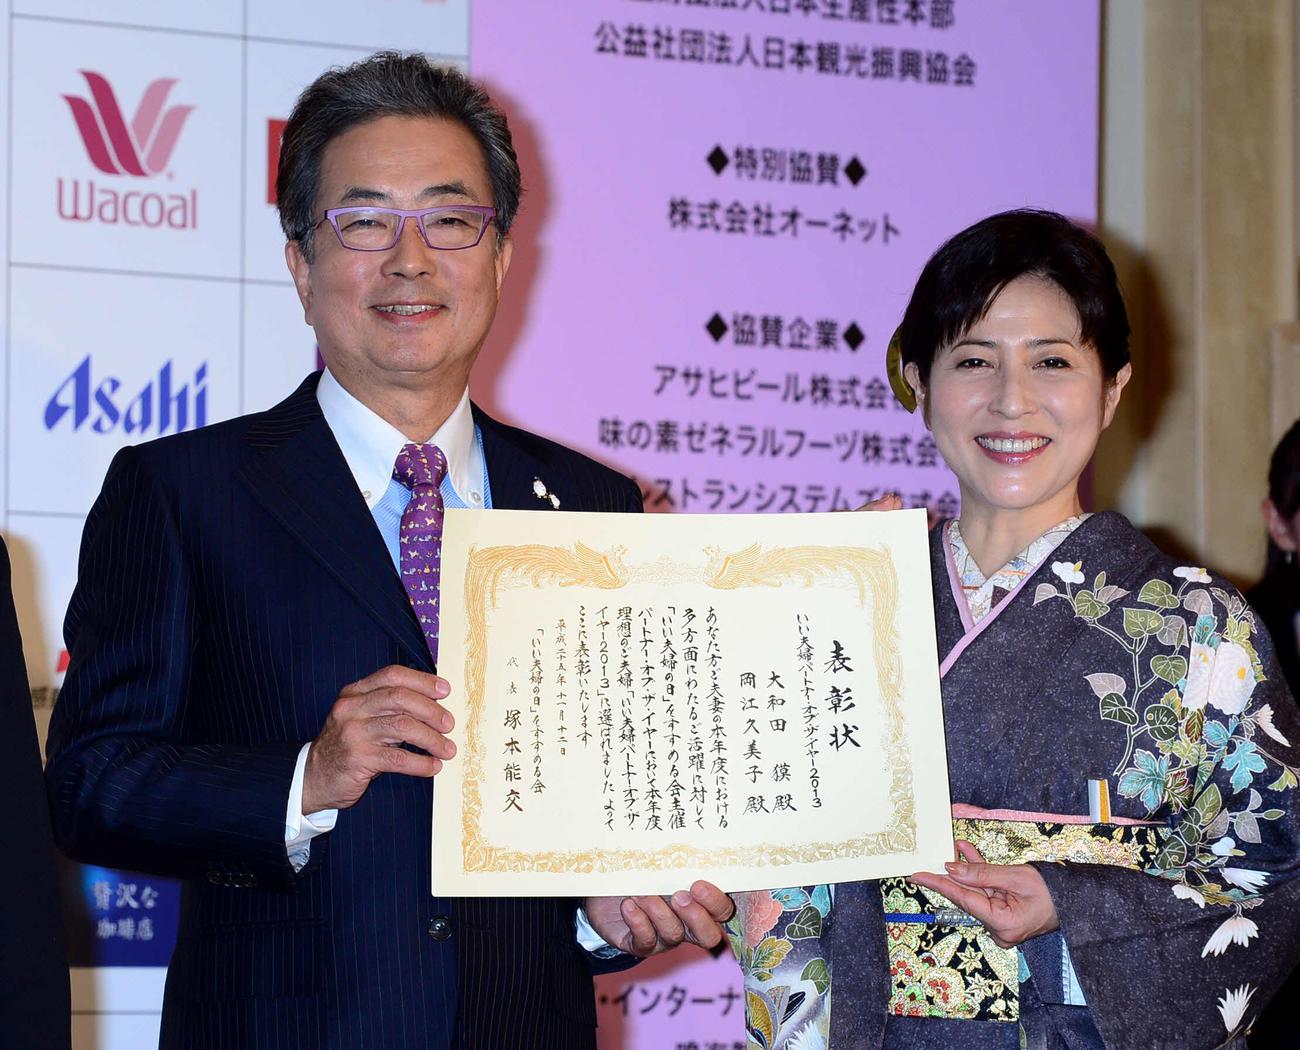 13年11月12日、「いい夫婦 パートナー・オブ・ザ・イヤー」授賞式 この年の「いい夫婦 パートナー・オブ・ザ・イヤー」に選ばれ、授賞式に出席した大和田獏、岡江久美子さん夫妻